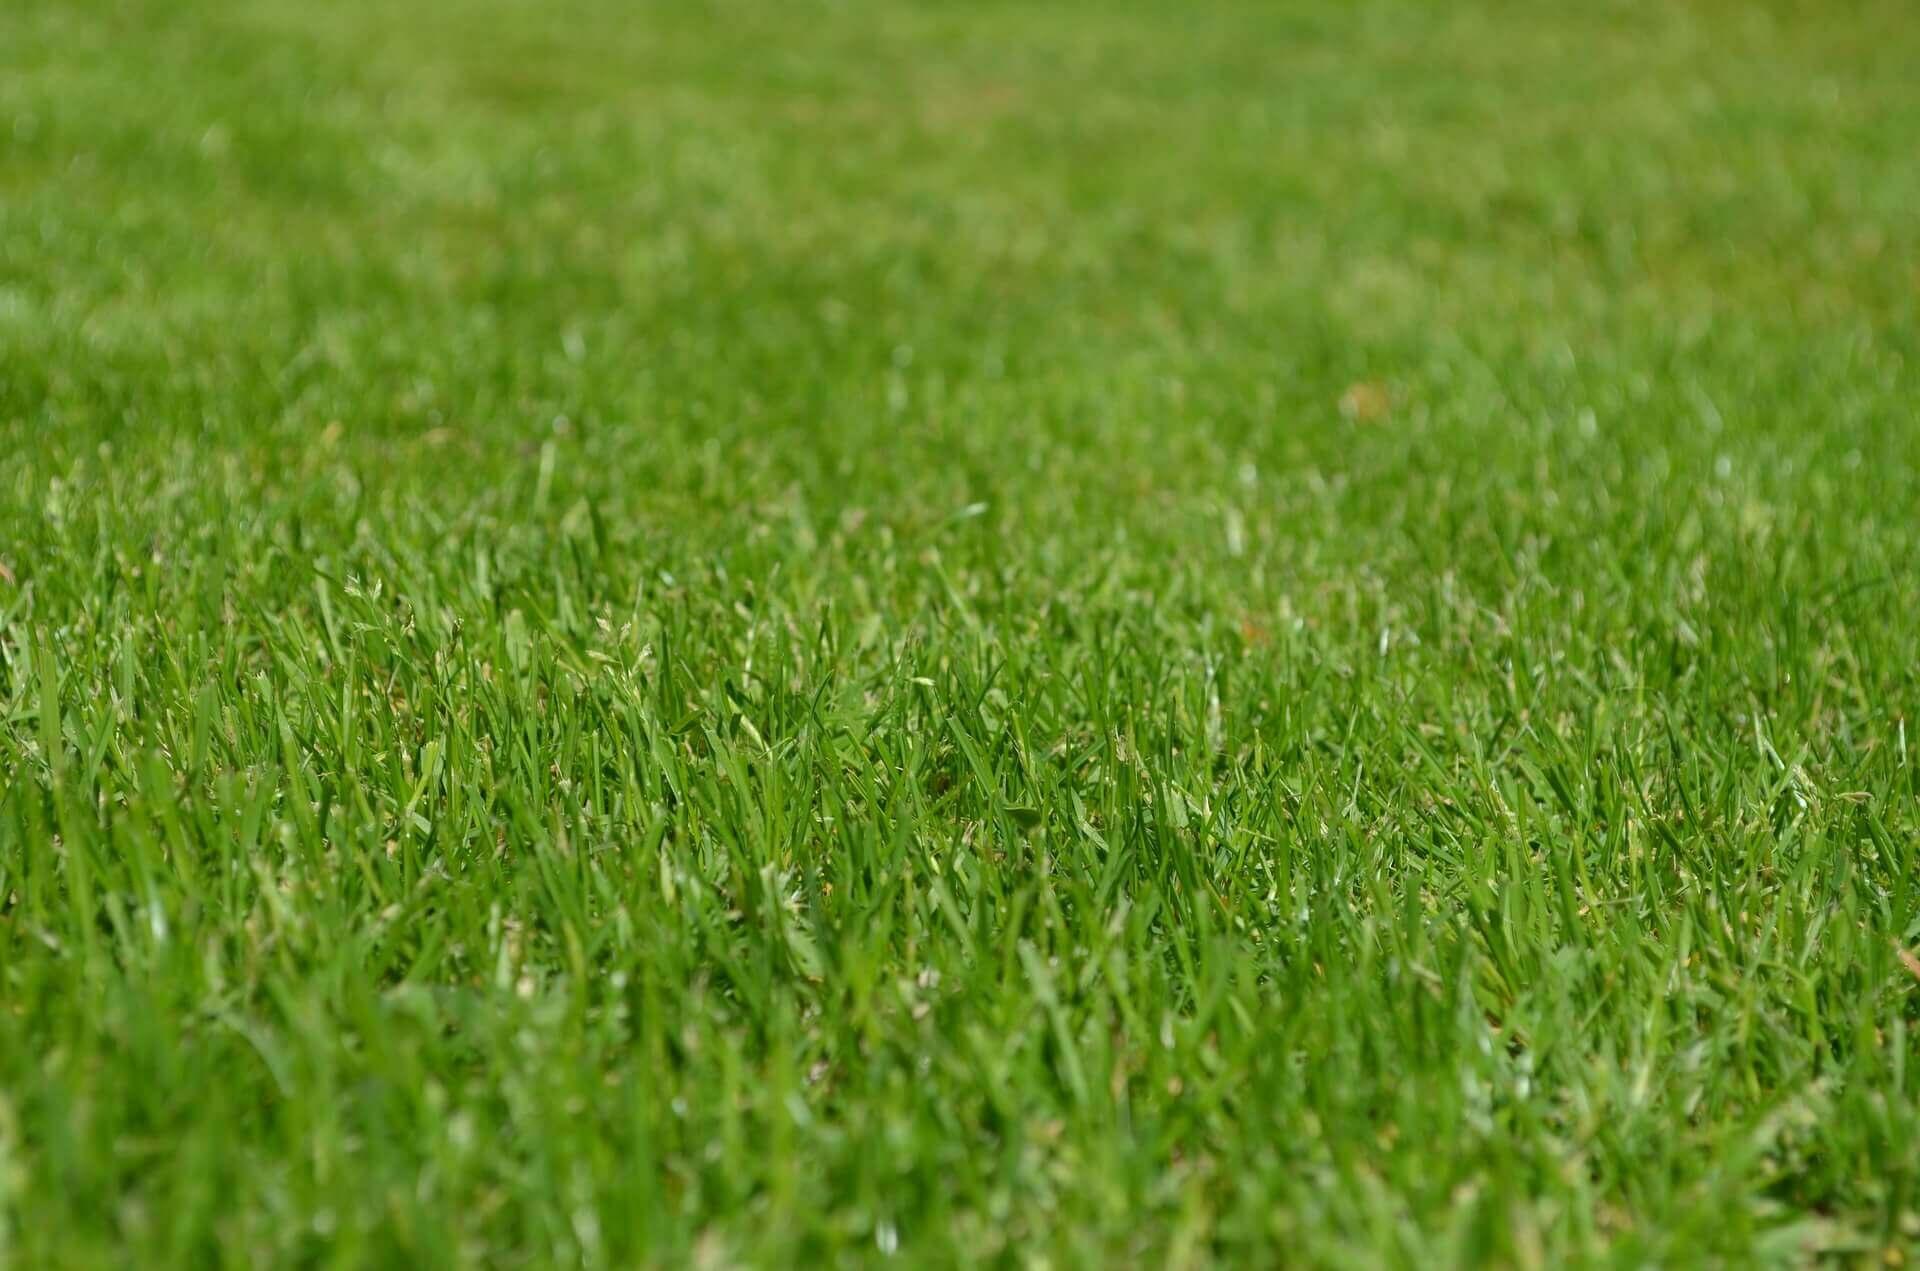 Green turf grass